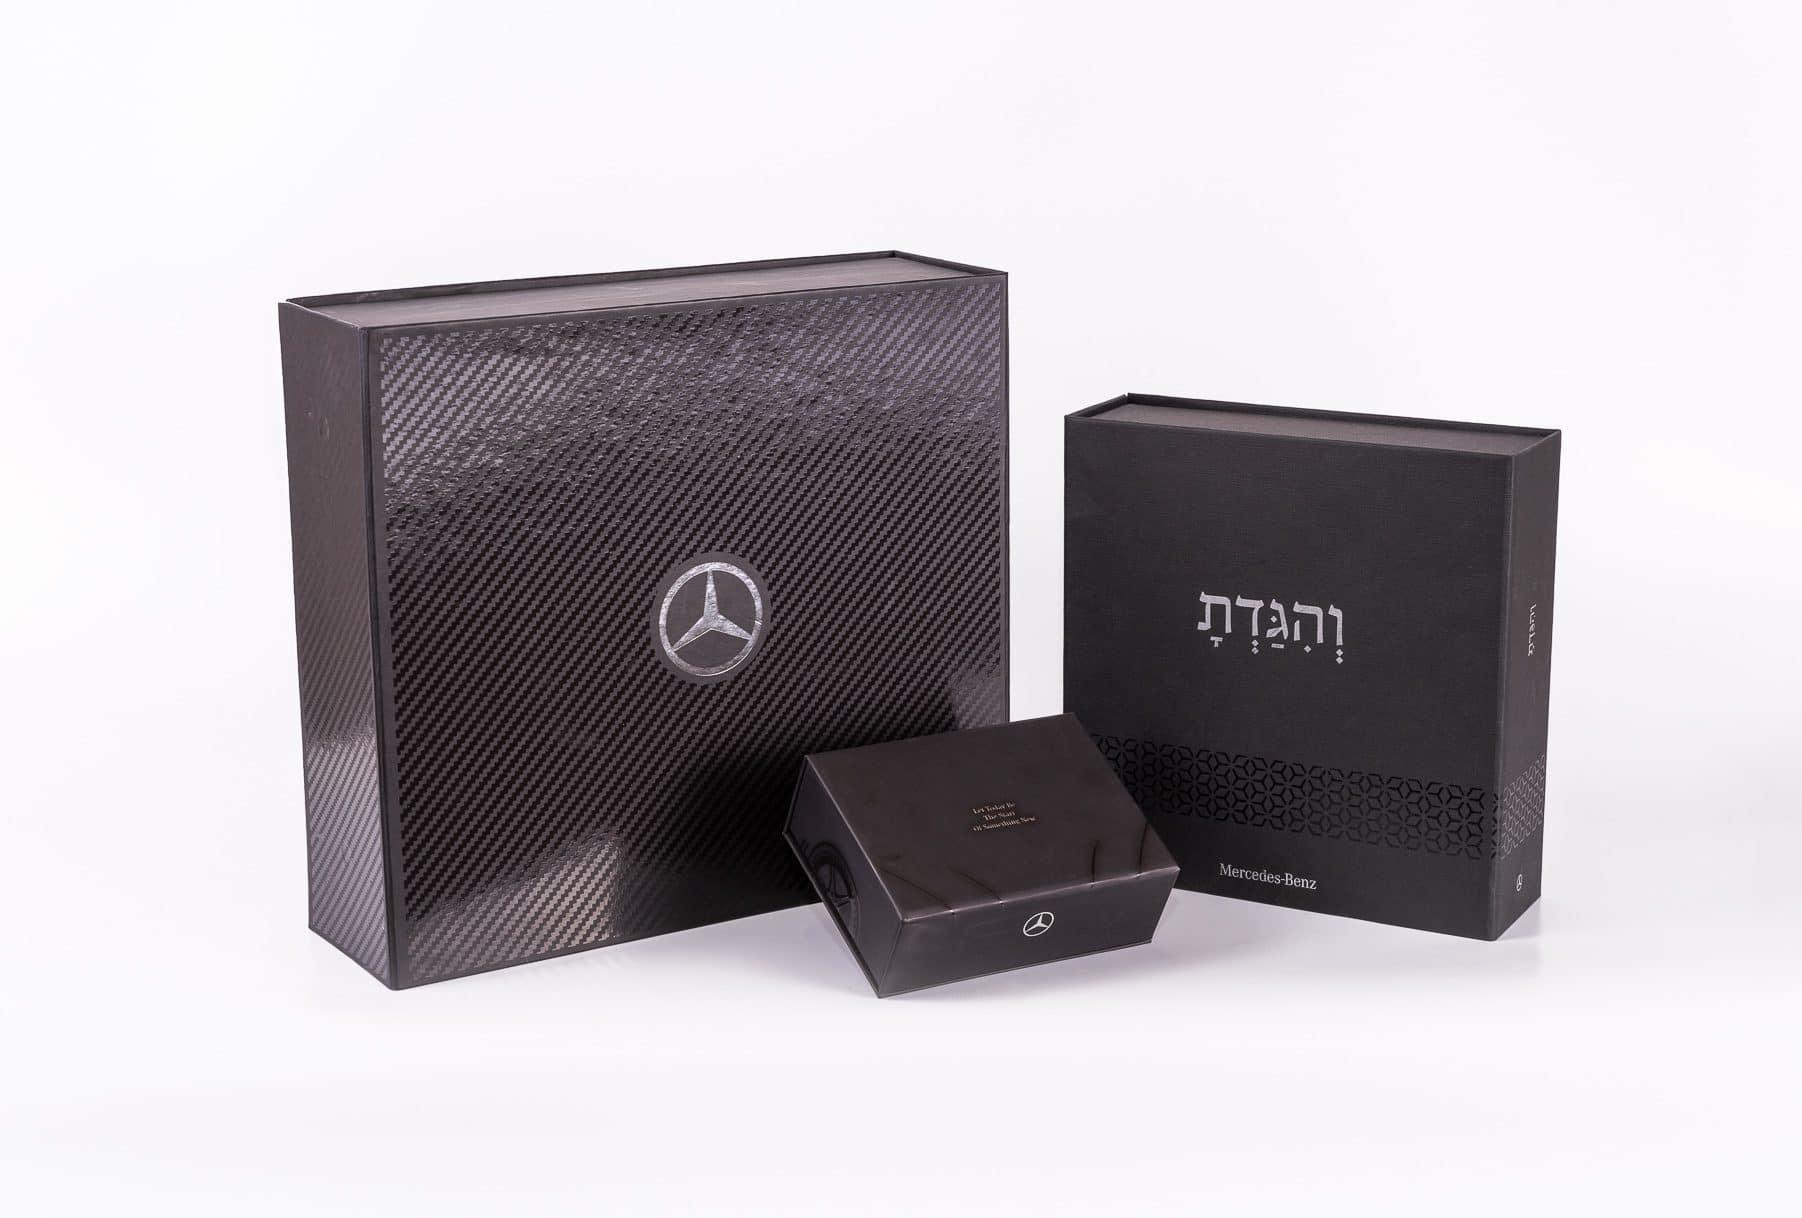 3 אריזות לחברת מרצדס בנץ בצבע שחור עם למינציה מט והטבעת פויל, על אחת מהן יש את הסמל של החברה, על השניה כתוב הגדת